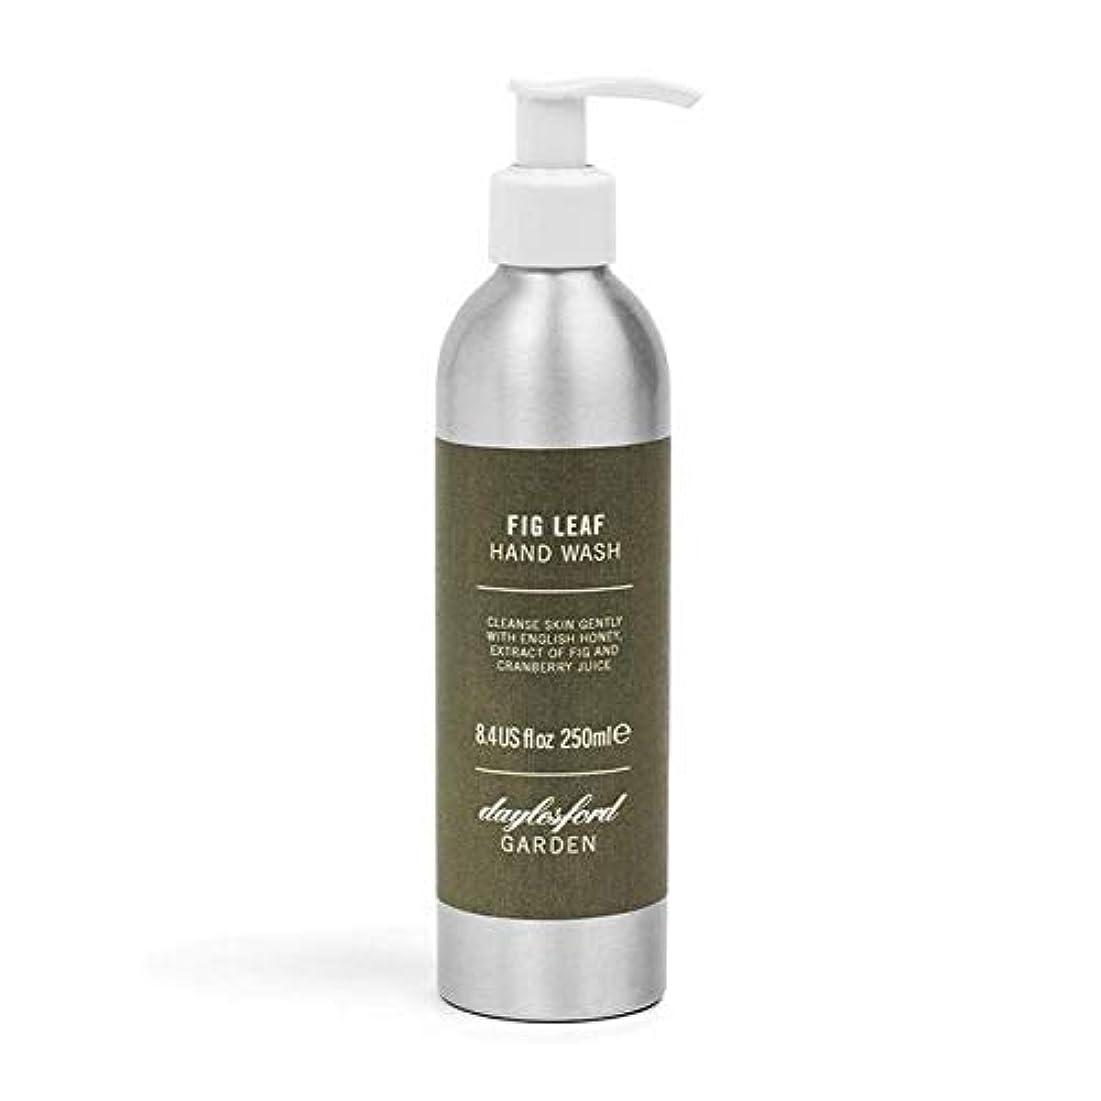 宣伝健全同級生[Daylesford ] デイルスフォードの自然なイチジクの葉ハンドウォッシュ250ミリリットル - Daylesford Natural Fig Leaf Hand Wash 250ml [並行輸入品]